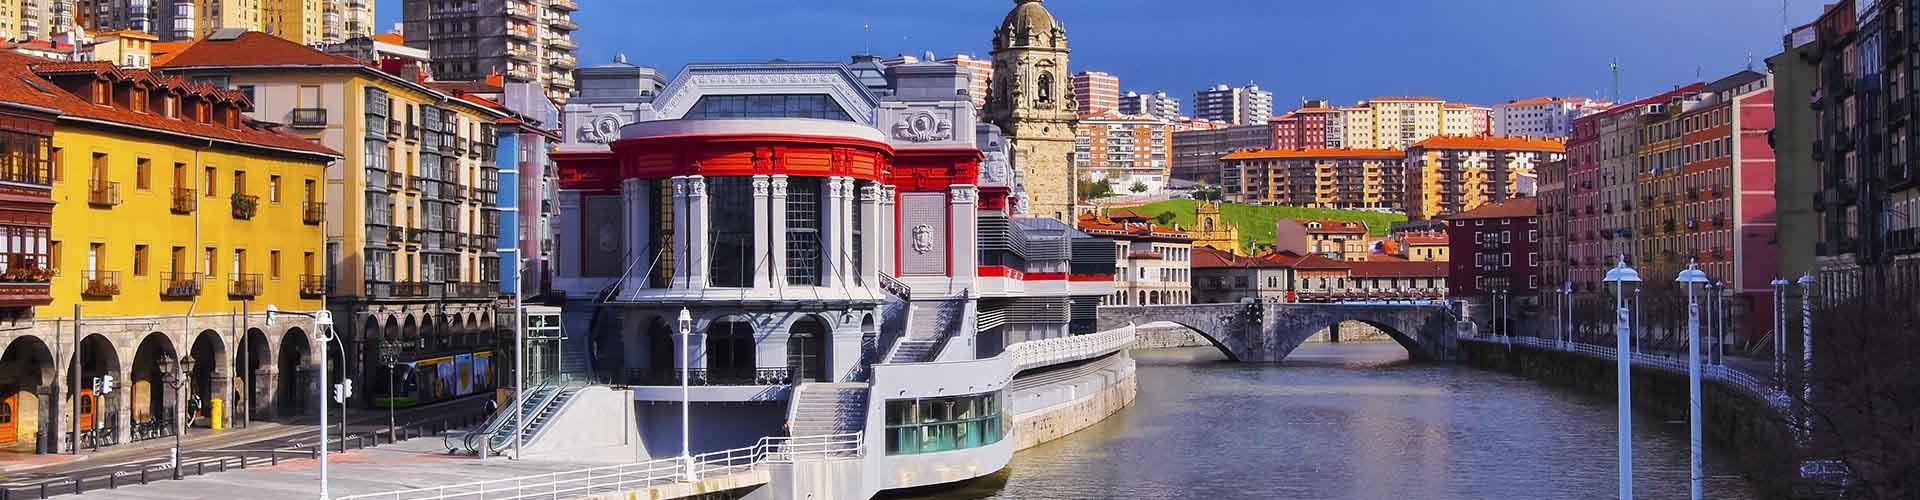 Bilbao - Hostales en el distrito Bolueta. Mapas de Bilbao, Fotos y comentarios de cada Hostal en Bilbao.